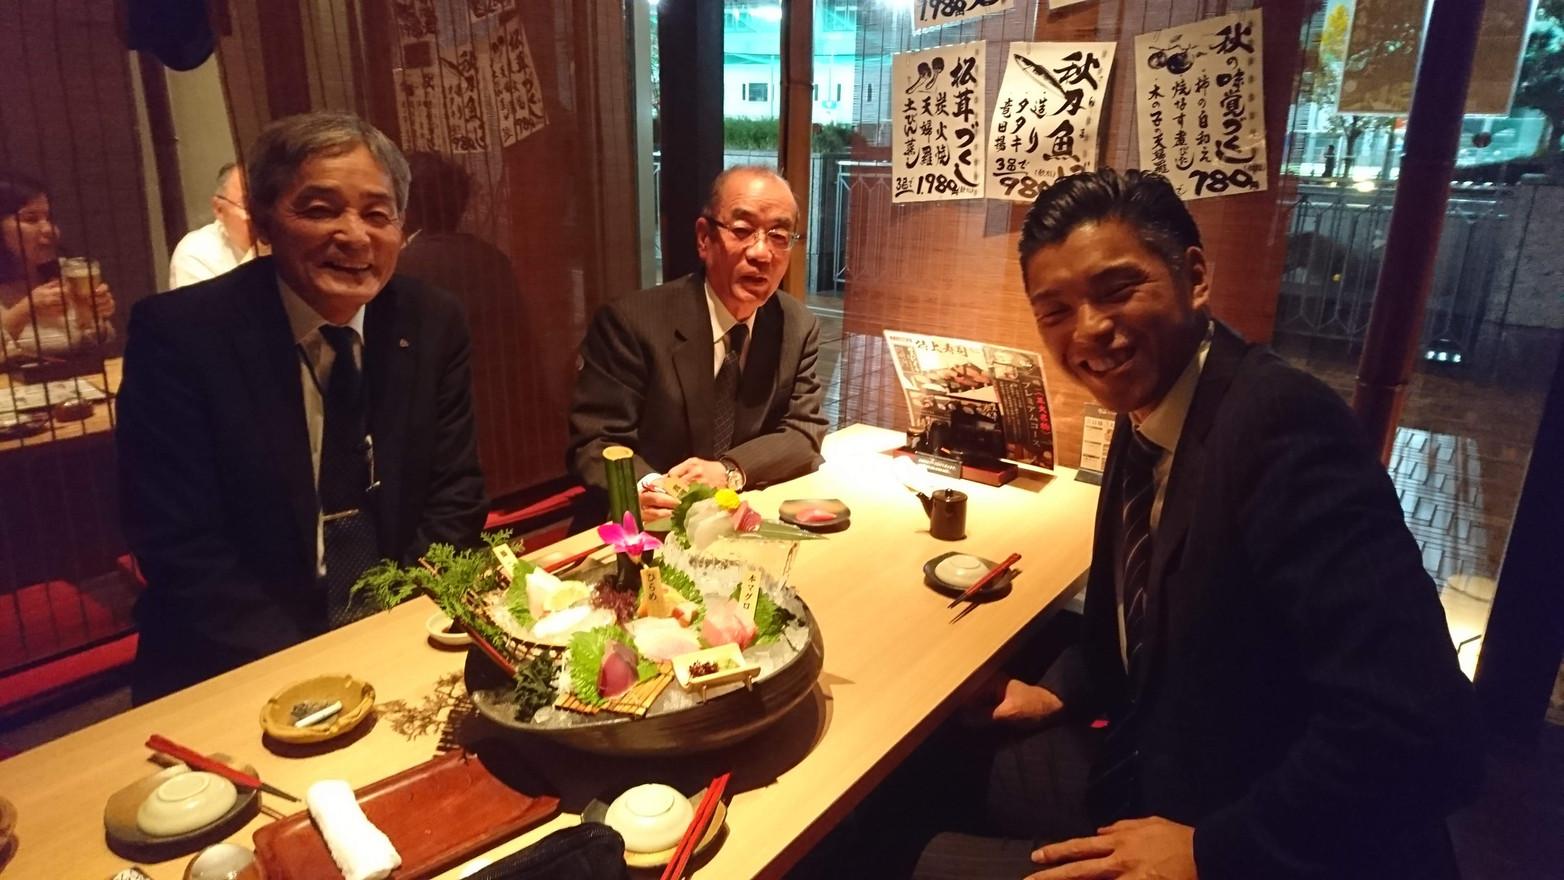 機械式定着報告会2018懇親会@新大阪 (2).jpg